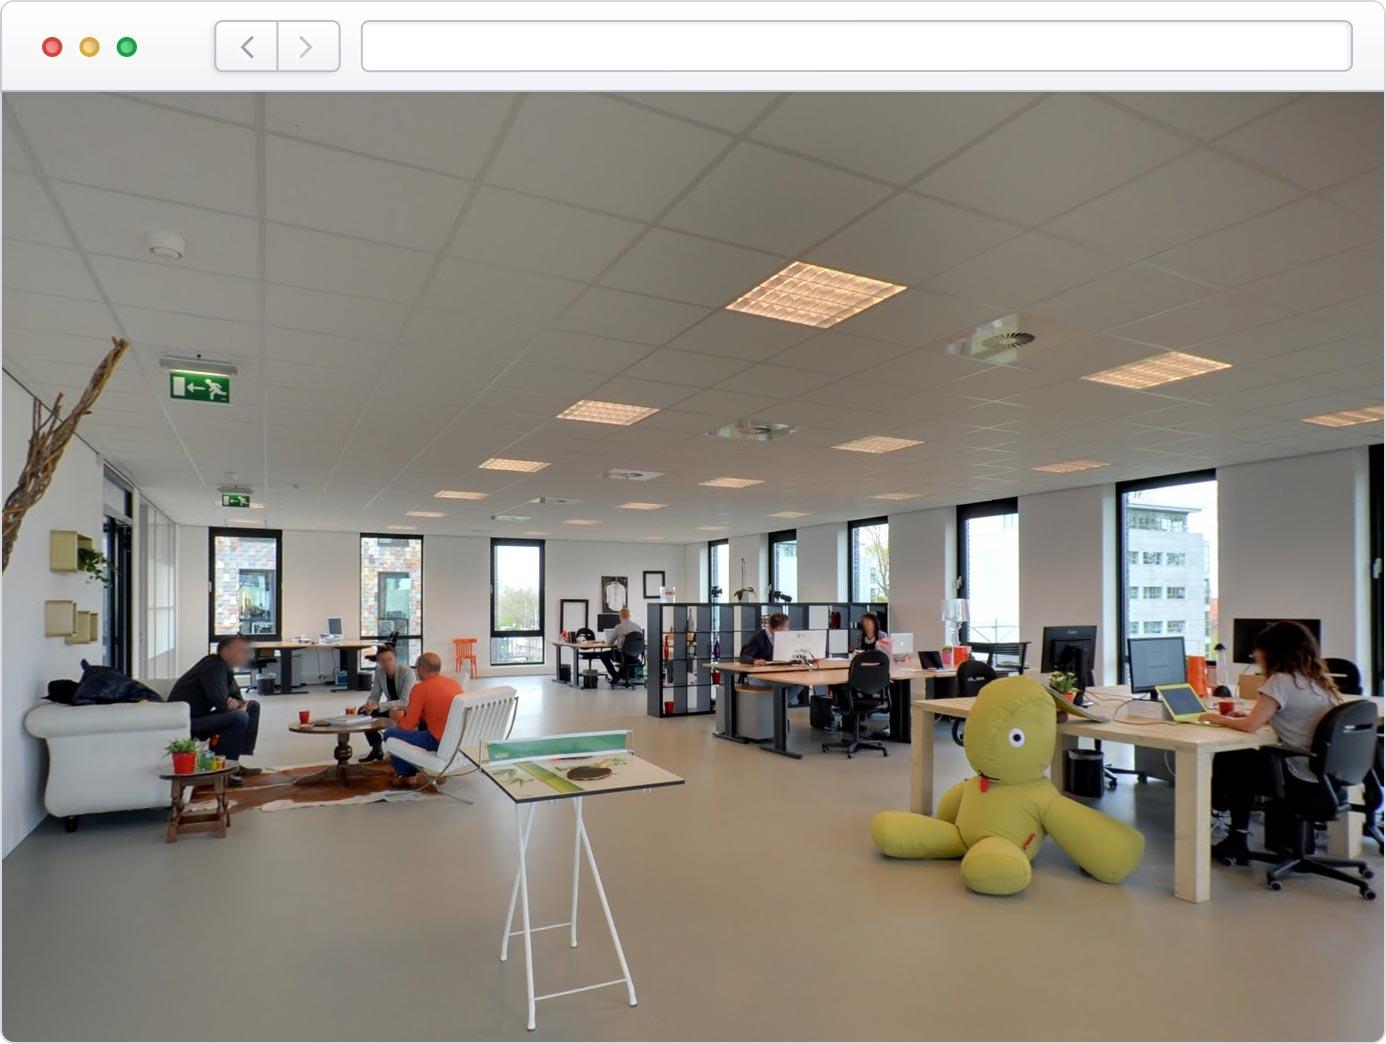 Virtuele tour van uw kantoor op Google